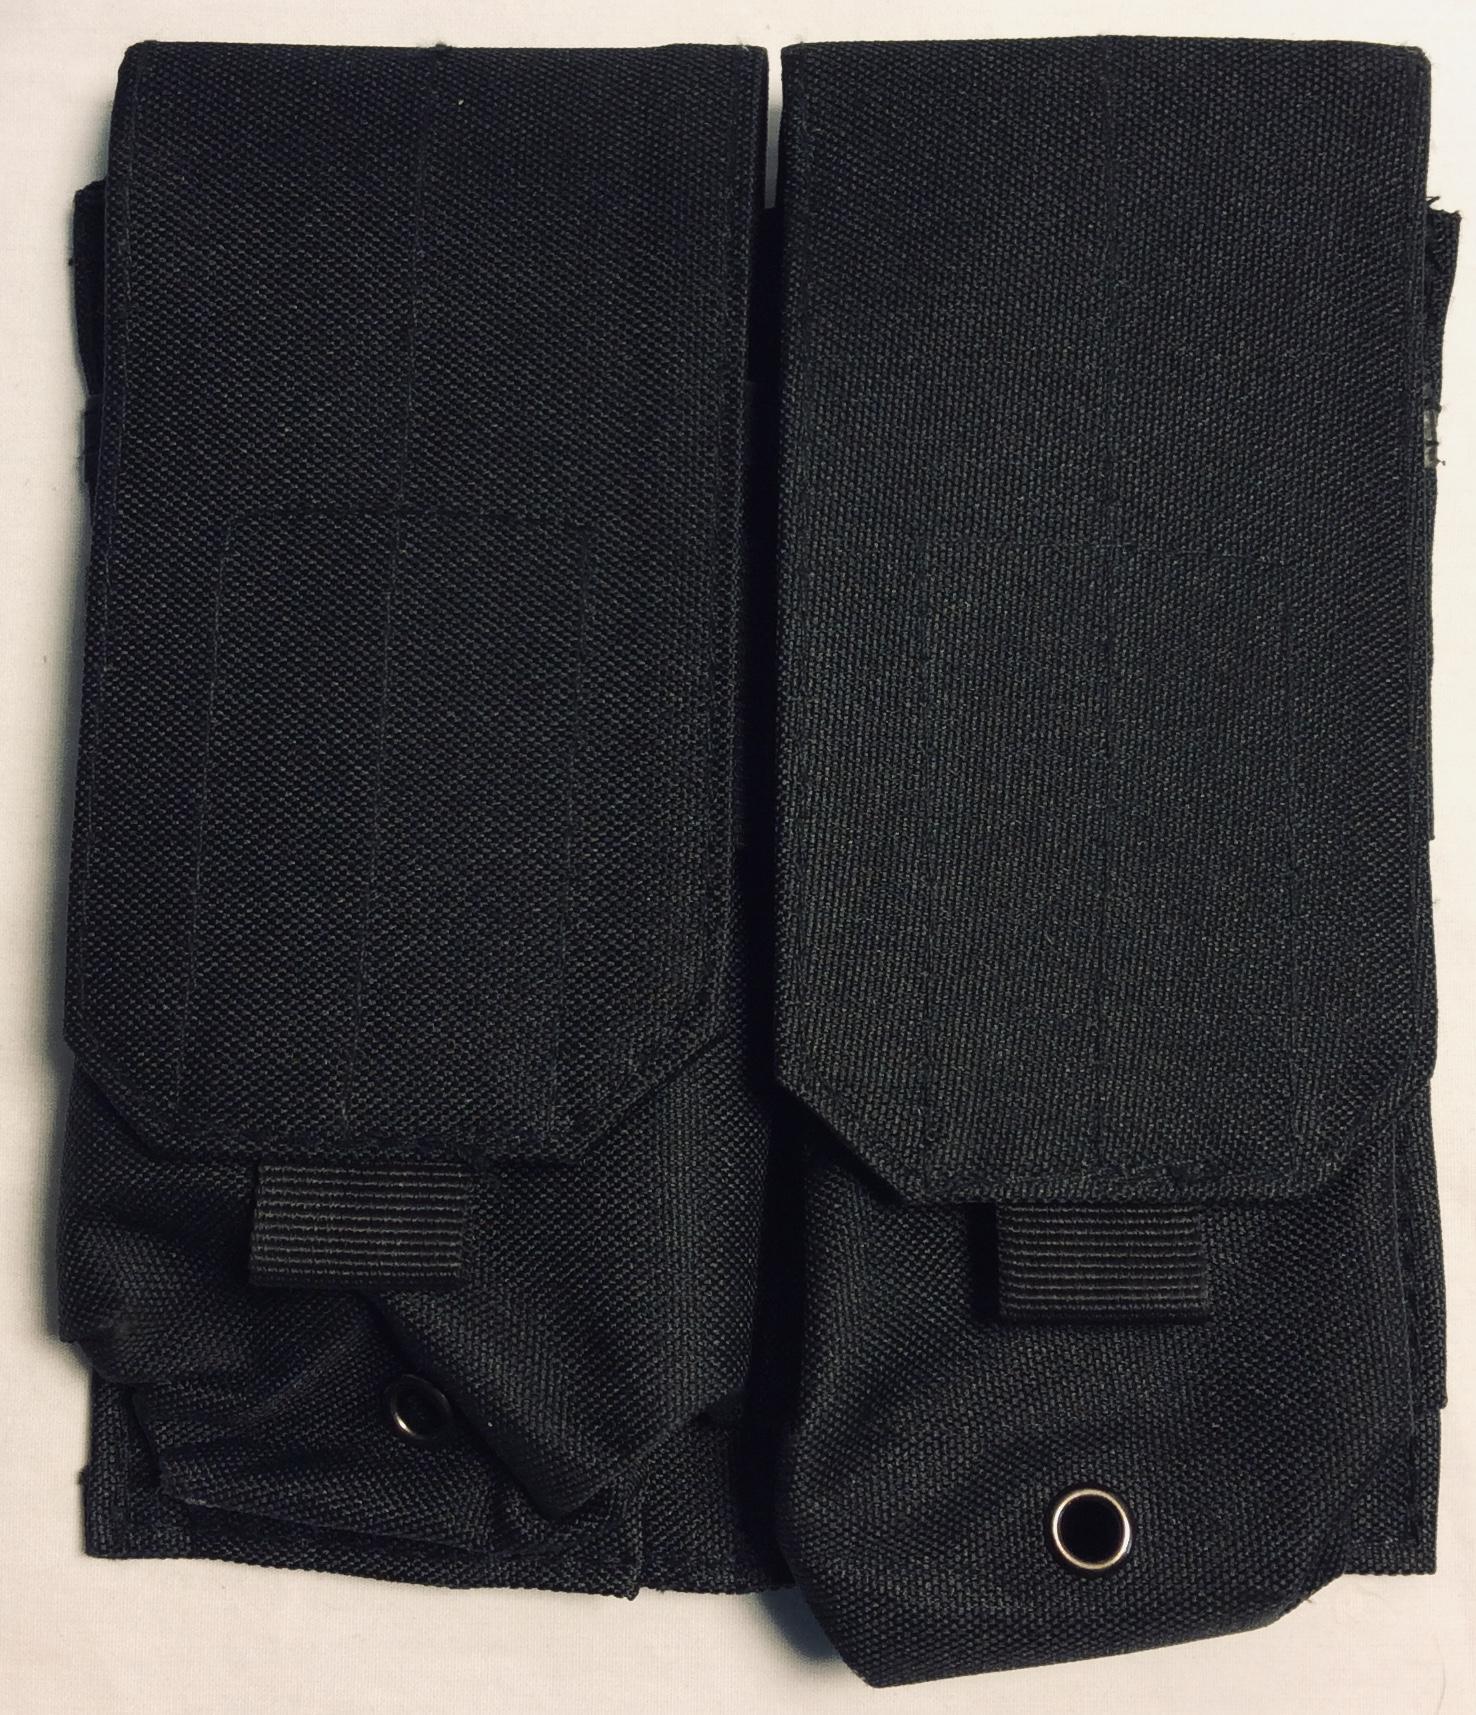 Black nylon 2 mag rifle pouches